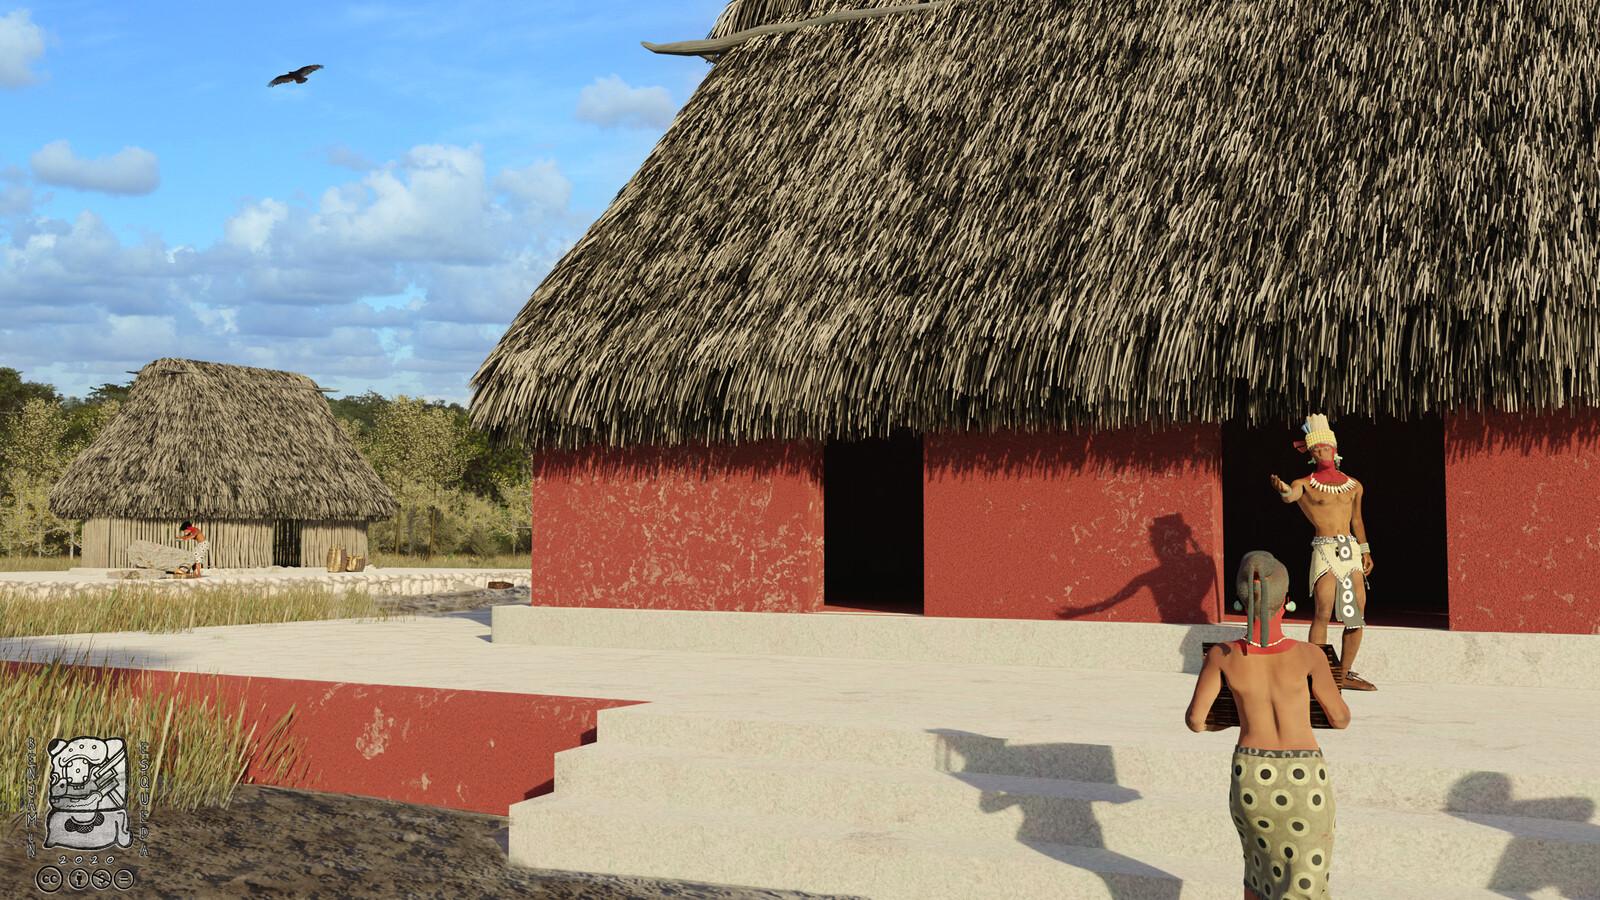 La arquitectura del Preclásico Medio (1000 al 450 a.C.) se caracteriza por grandes plataformas con super estructuras habitacionales, elaboradas principalmente de bajareque con techos de guano.